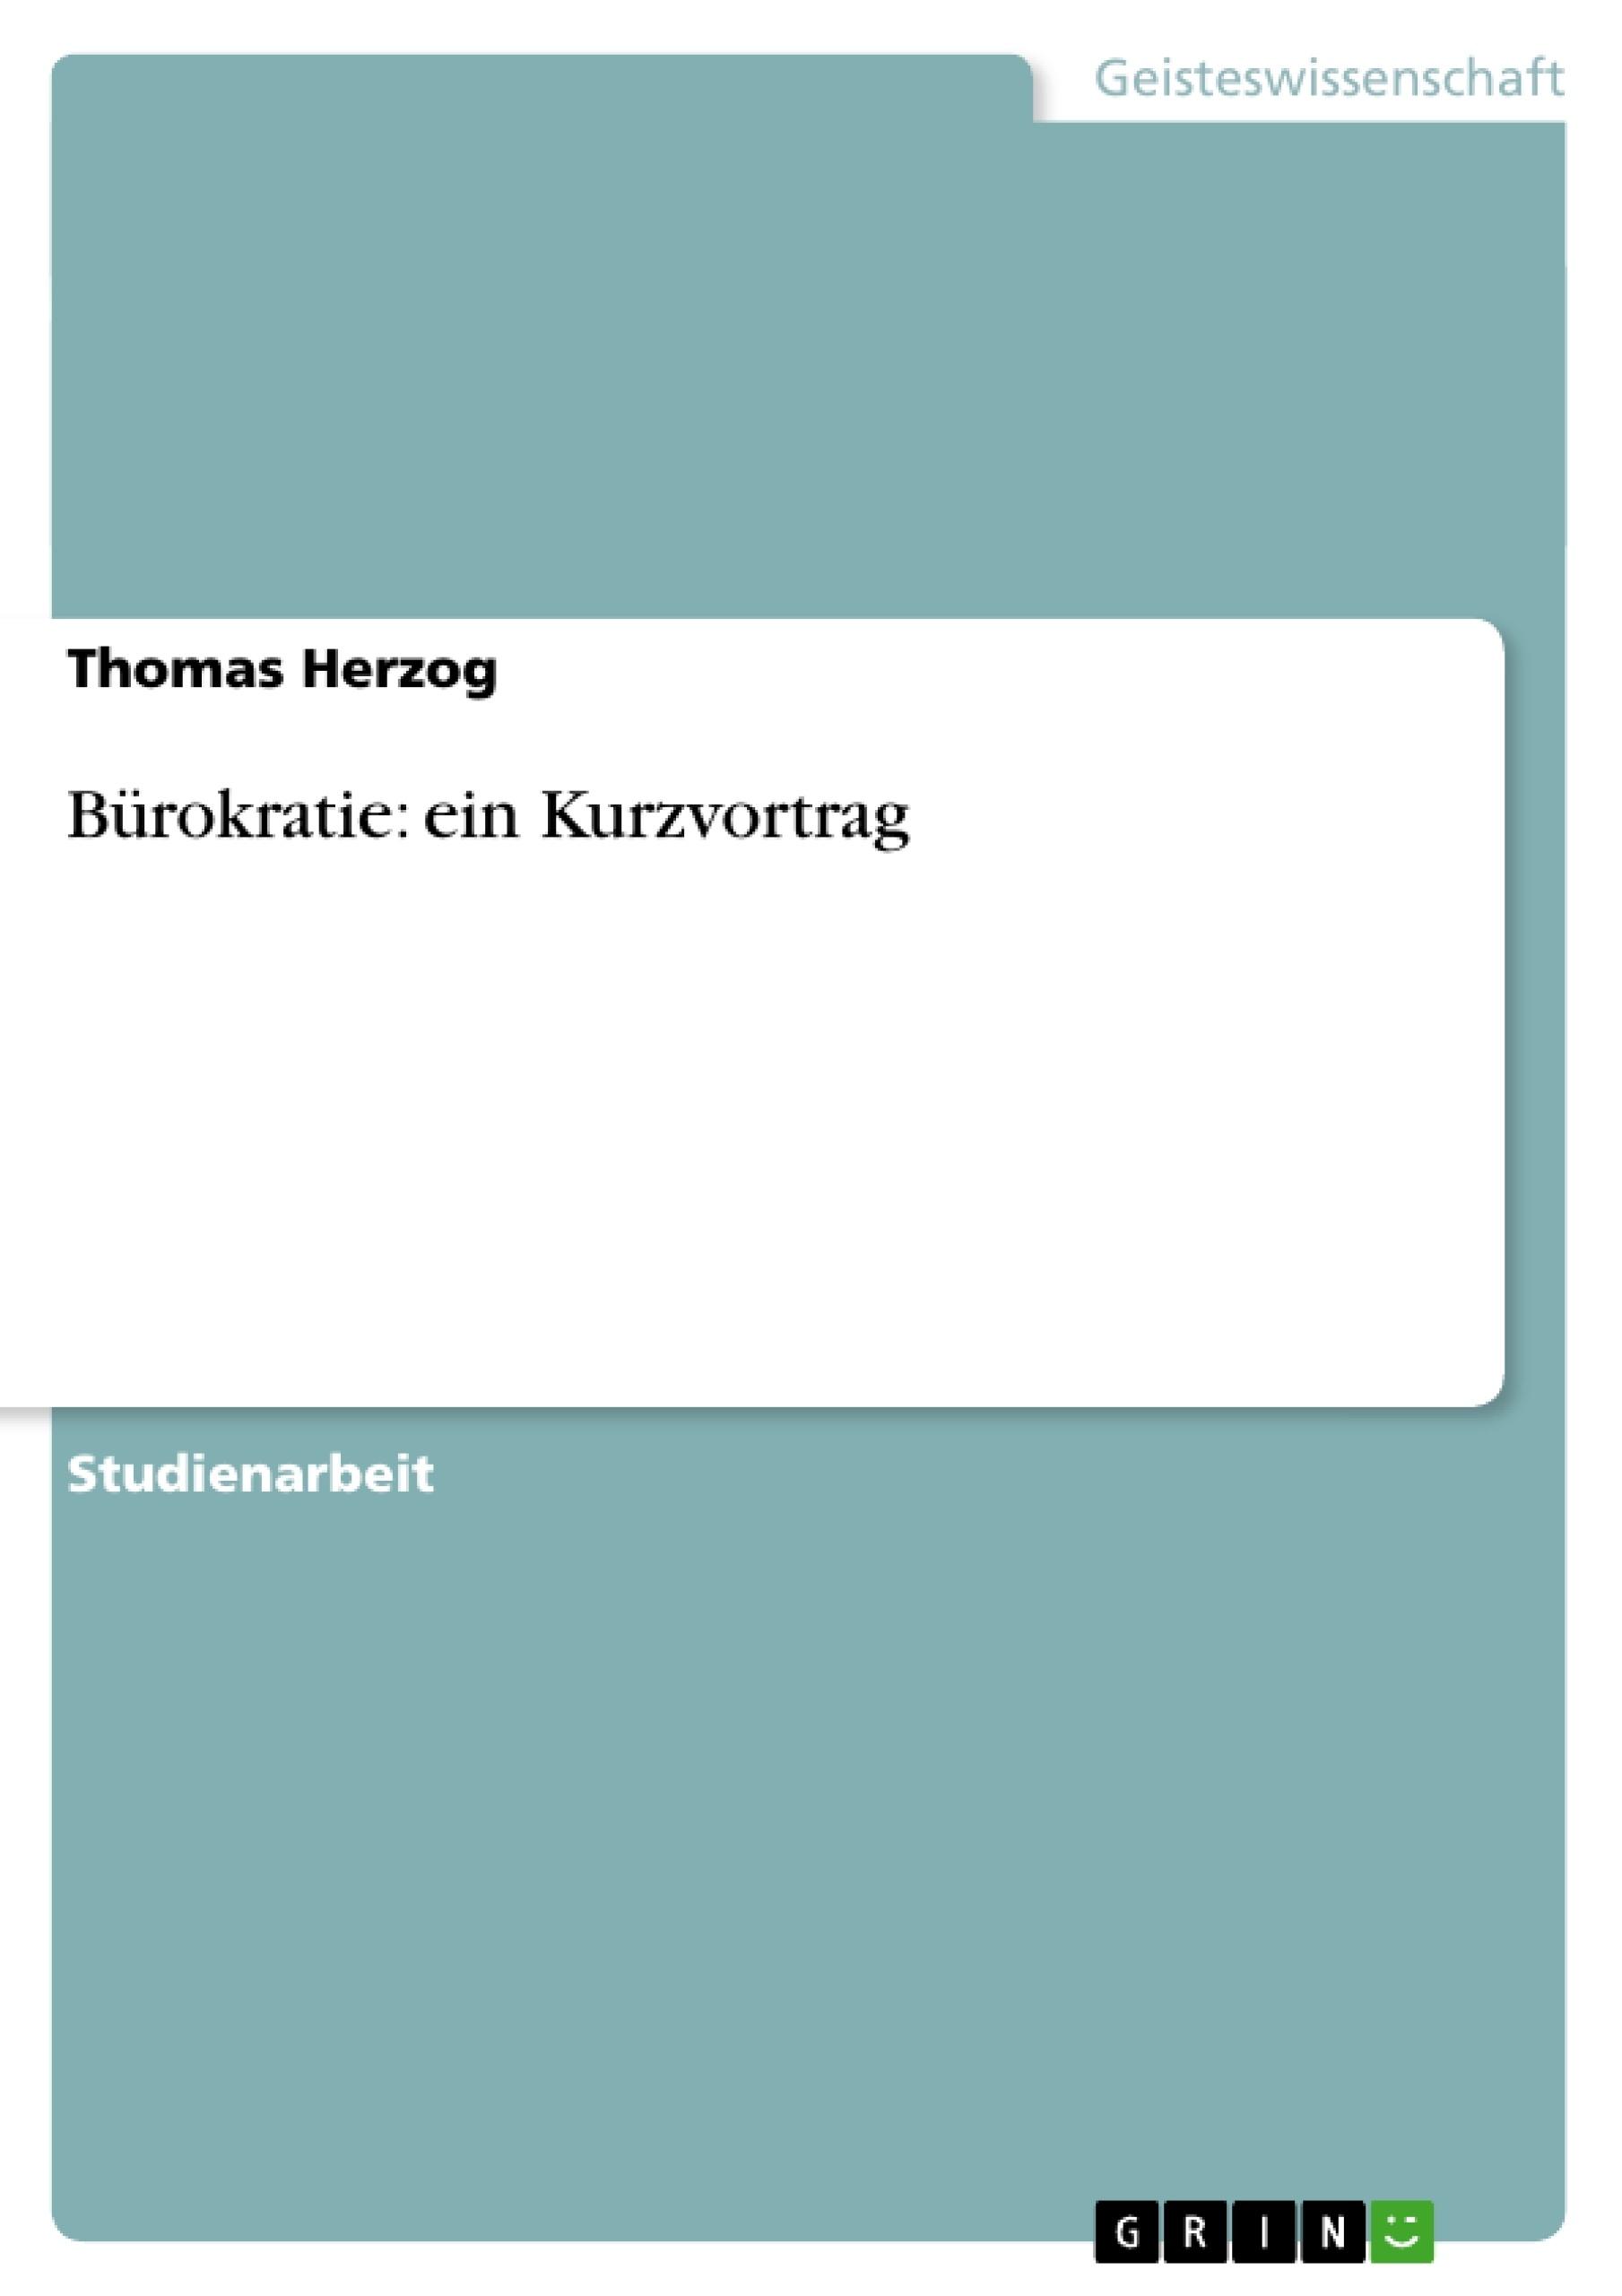 Titel: Bürokratie: ein Kurzvortrag